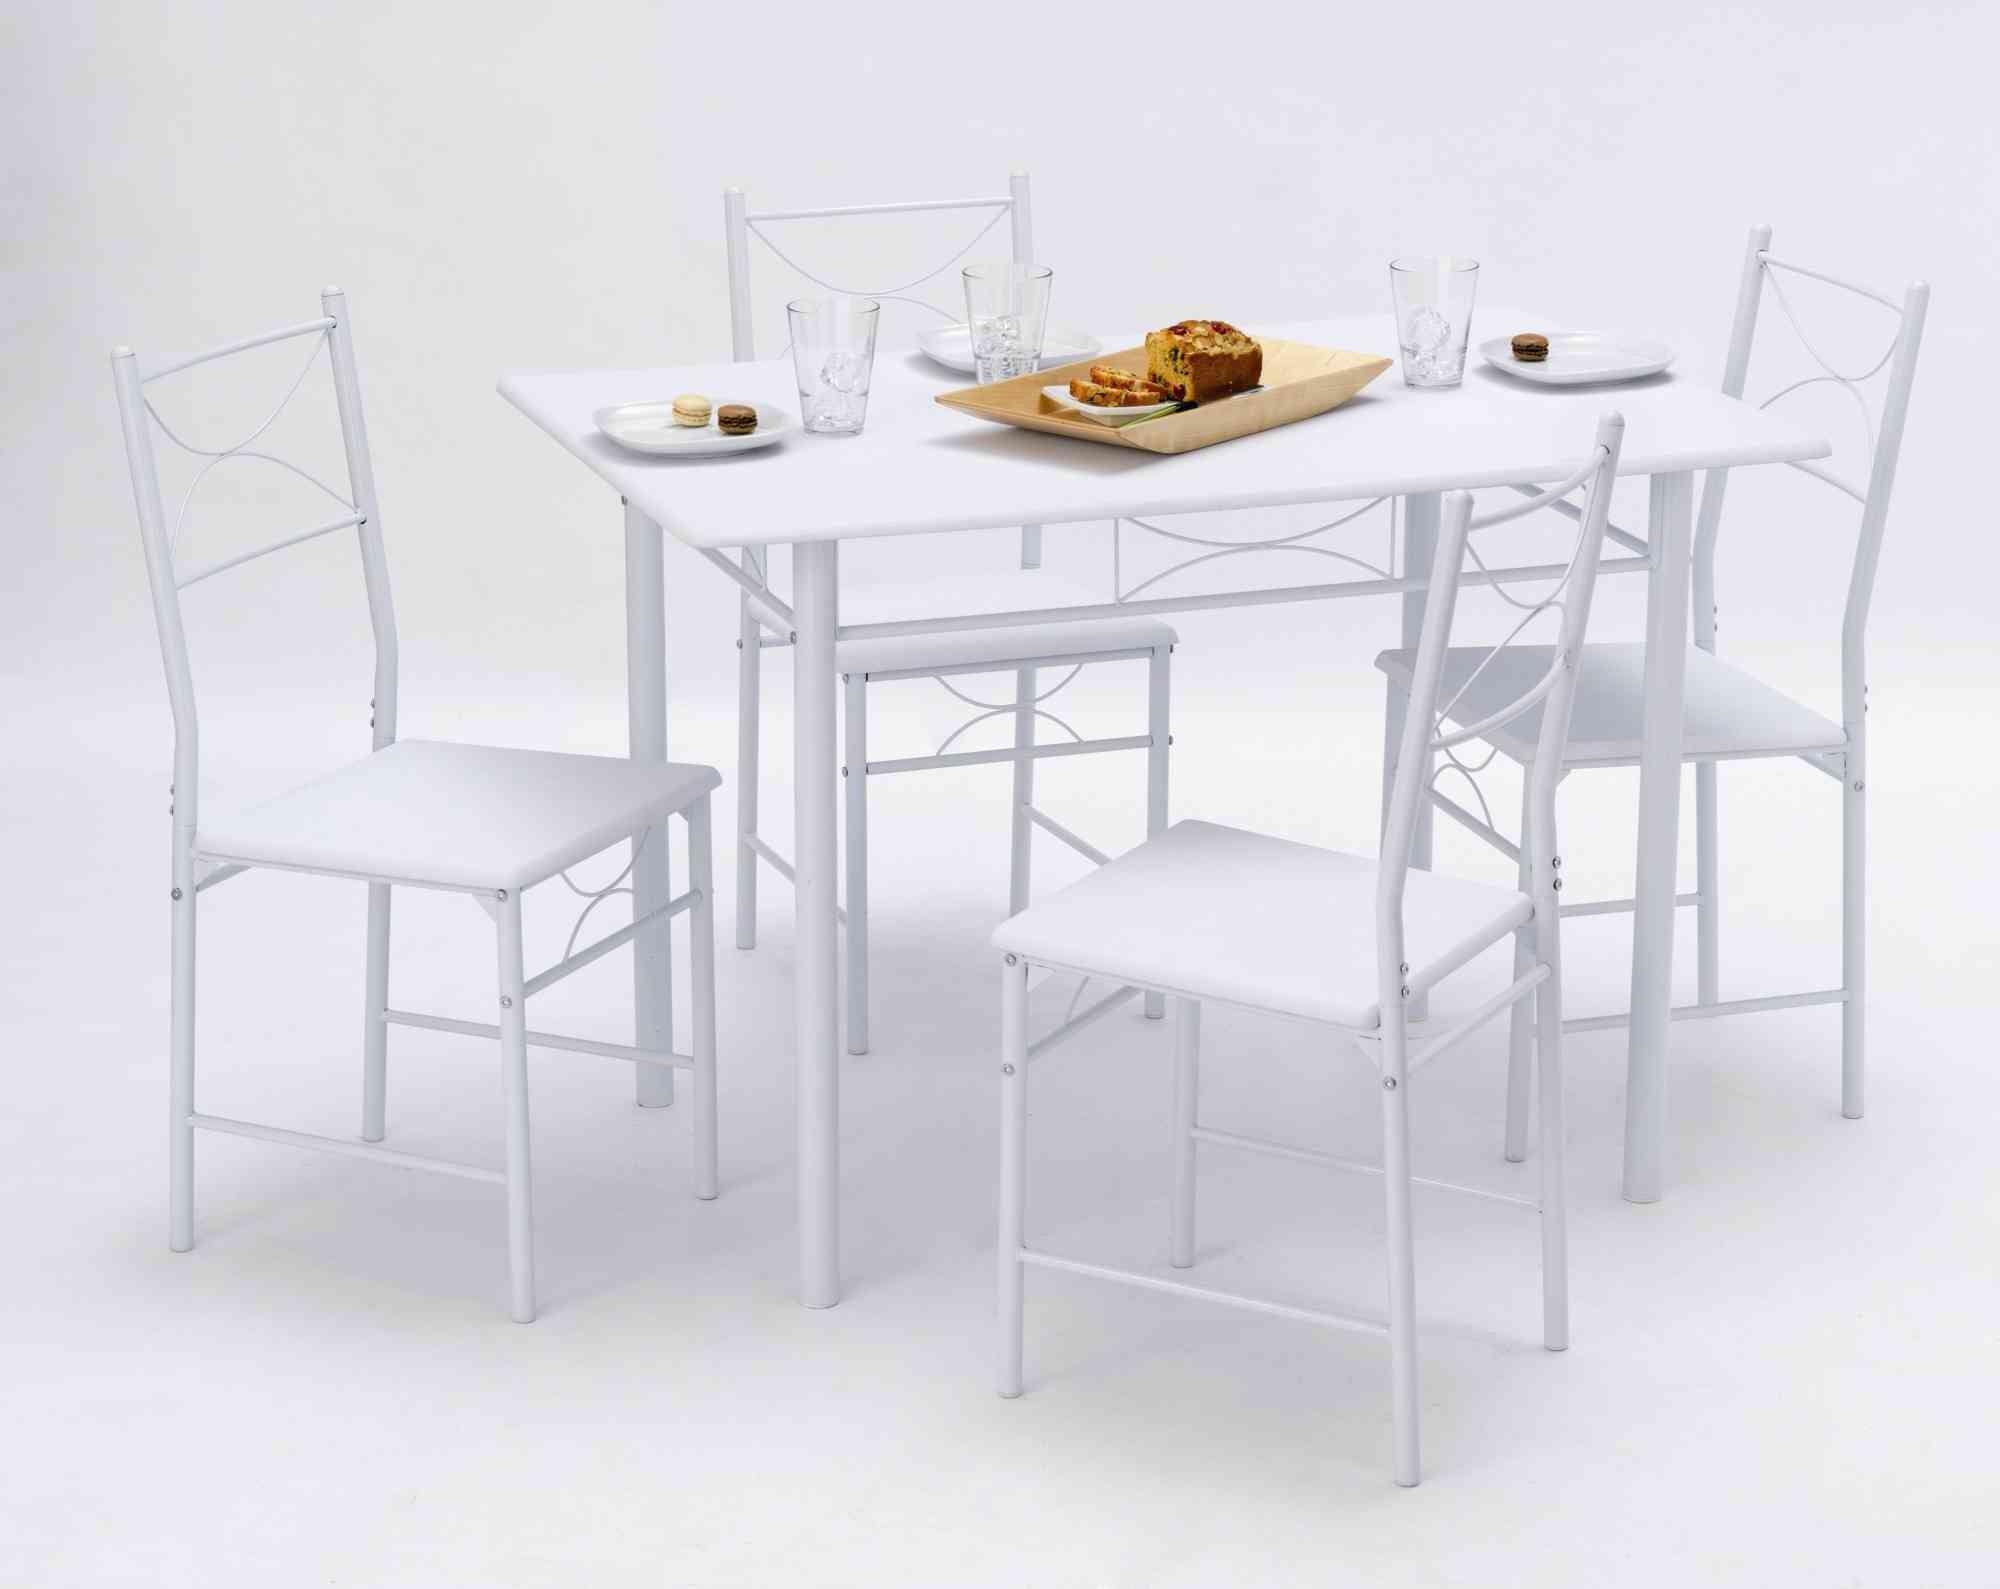 Bain nordique Occasion Inspirant Image Chaise De Cuisine Pas Cher